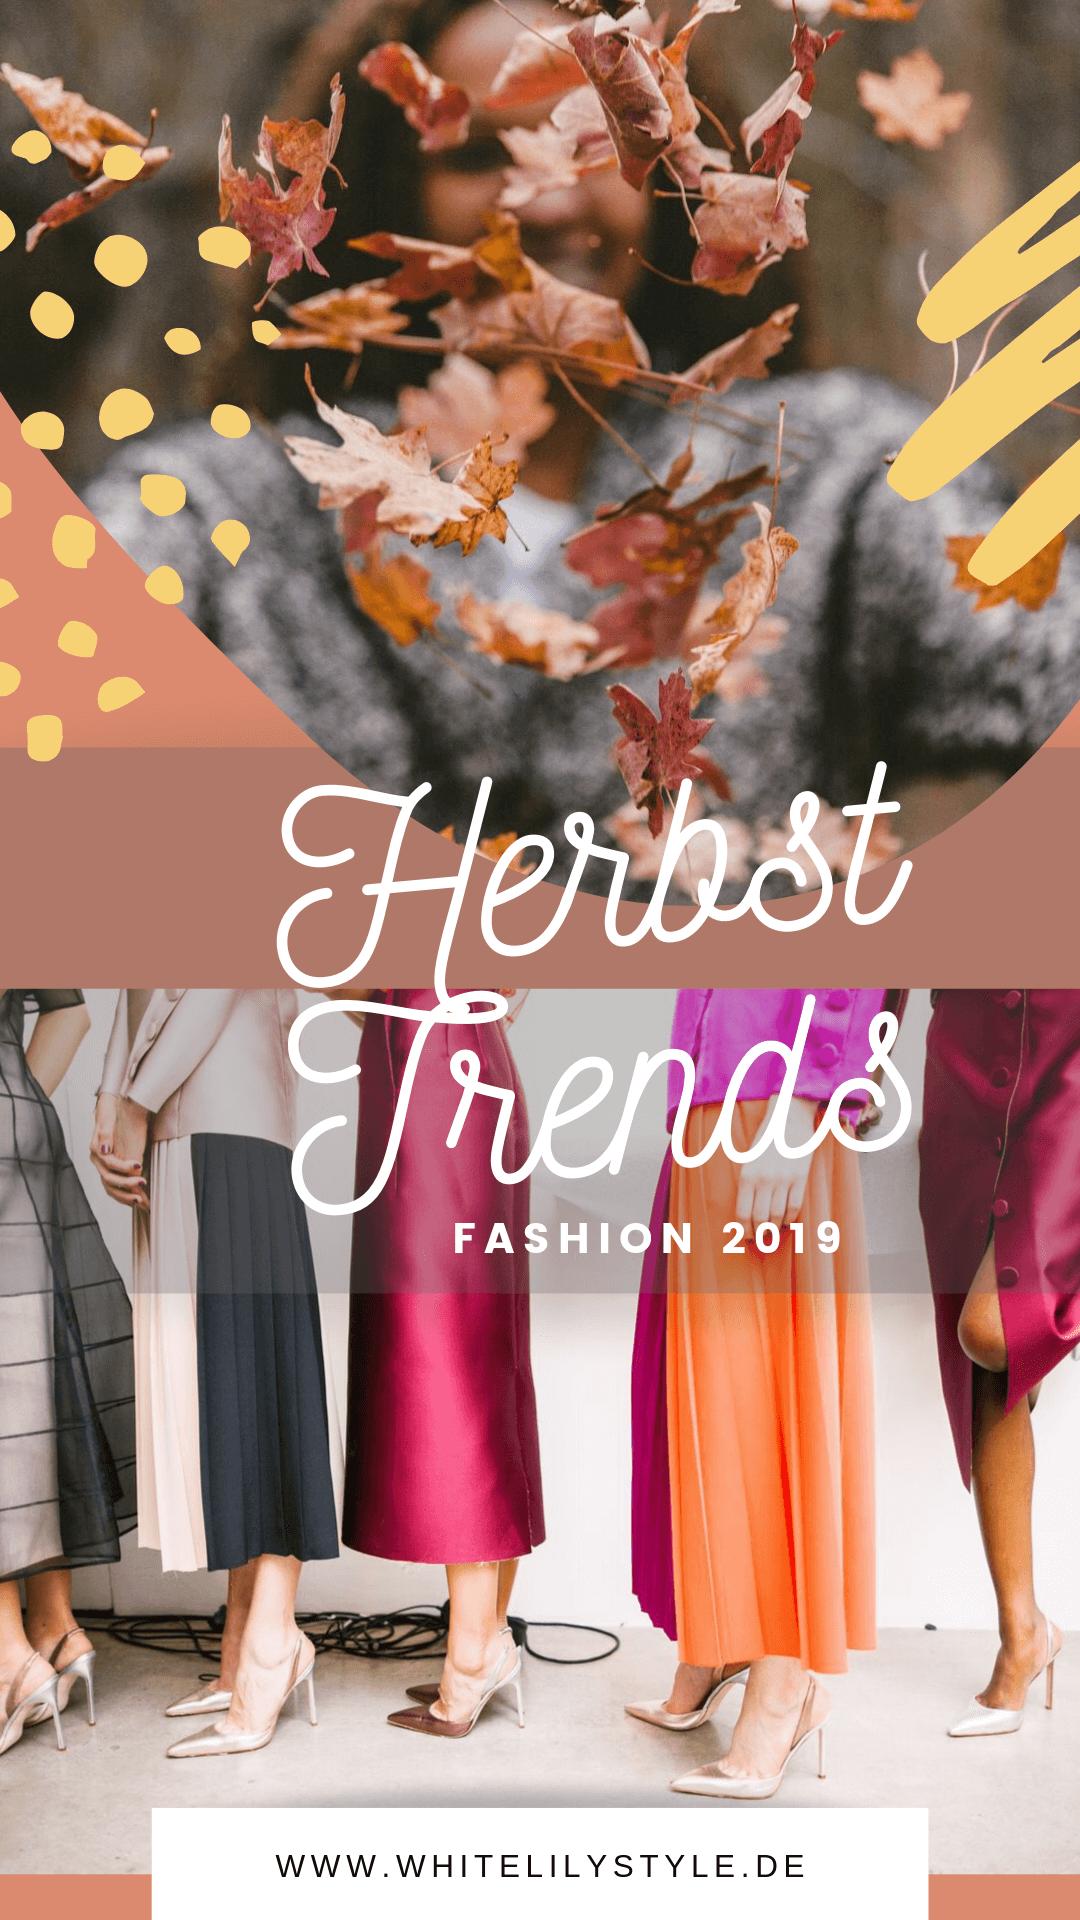 Herbsttrend 2019 - diese Fashion Trends darfst du diesen Herbst nicht verpassen!